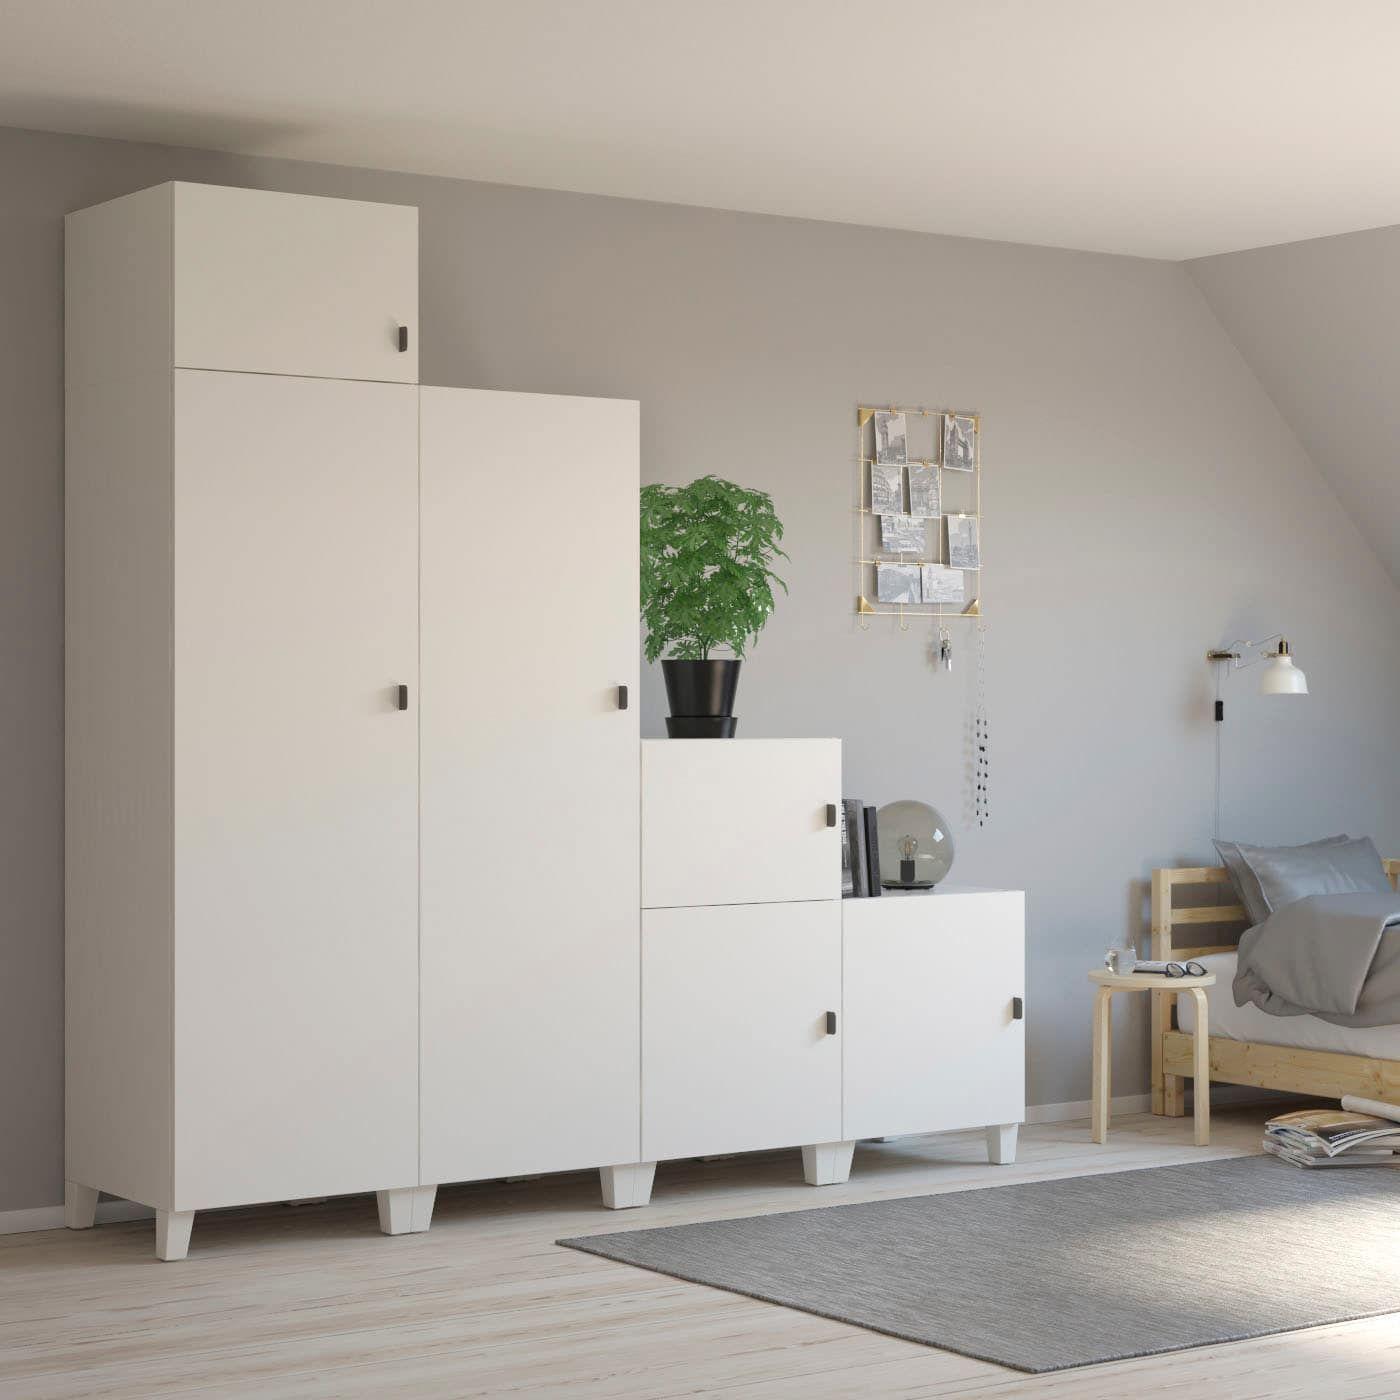 PLATSA  Ikea kleiderschrank aufbewahrung, Wohnzimmermöbel ikea